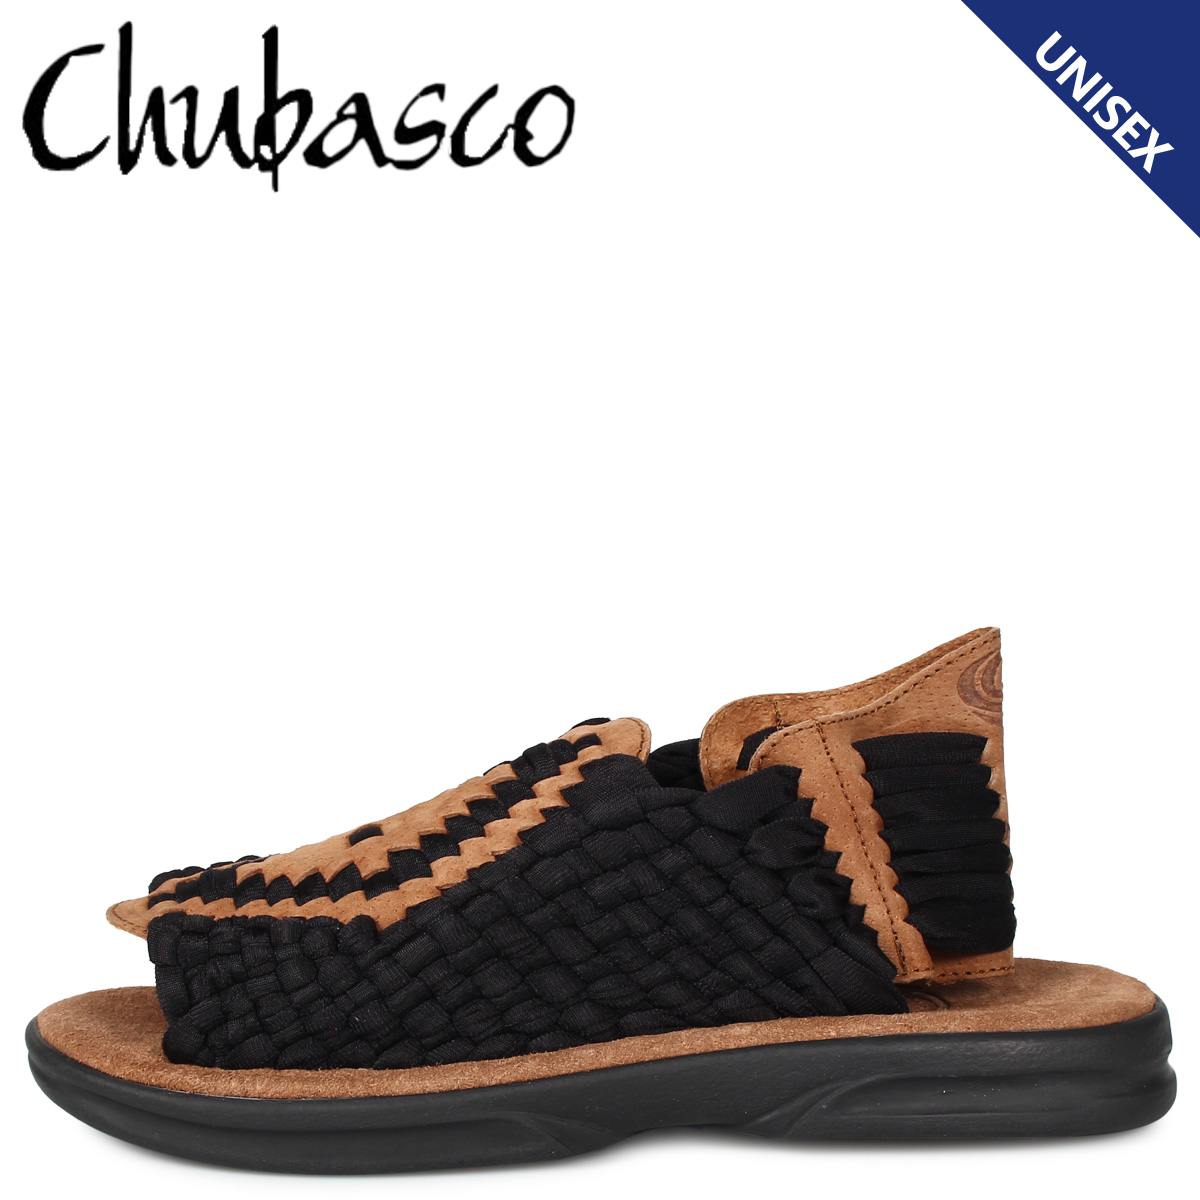 CHUBASCO チュバスコ アズテック サンダル スポーツサンダル メンズ レディース AZTEC ブラウン A80421